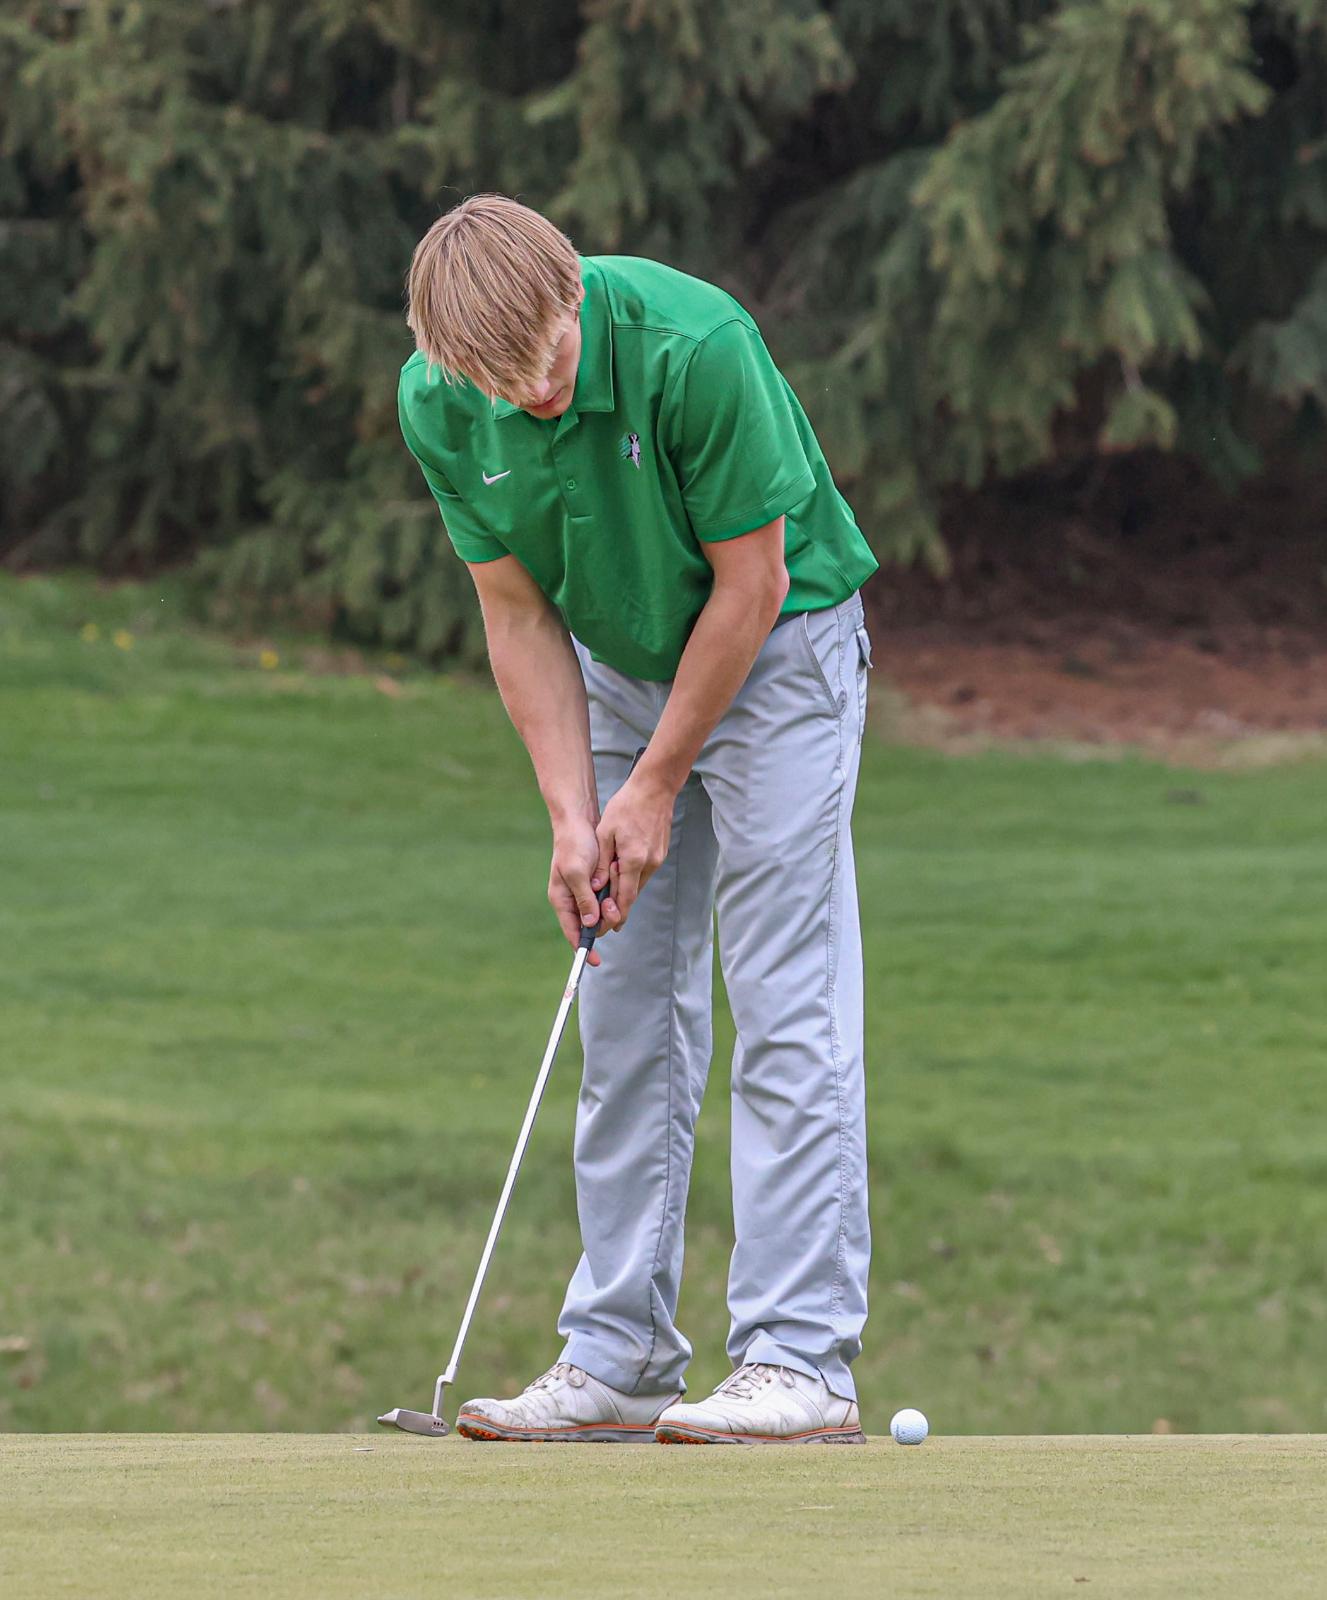 Boys Golf at Goshen Invitational – April 17, 2021 (Photos courtesy of Branden Beachy)